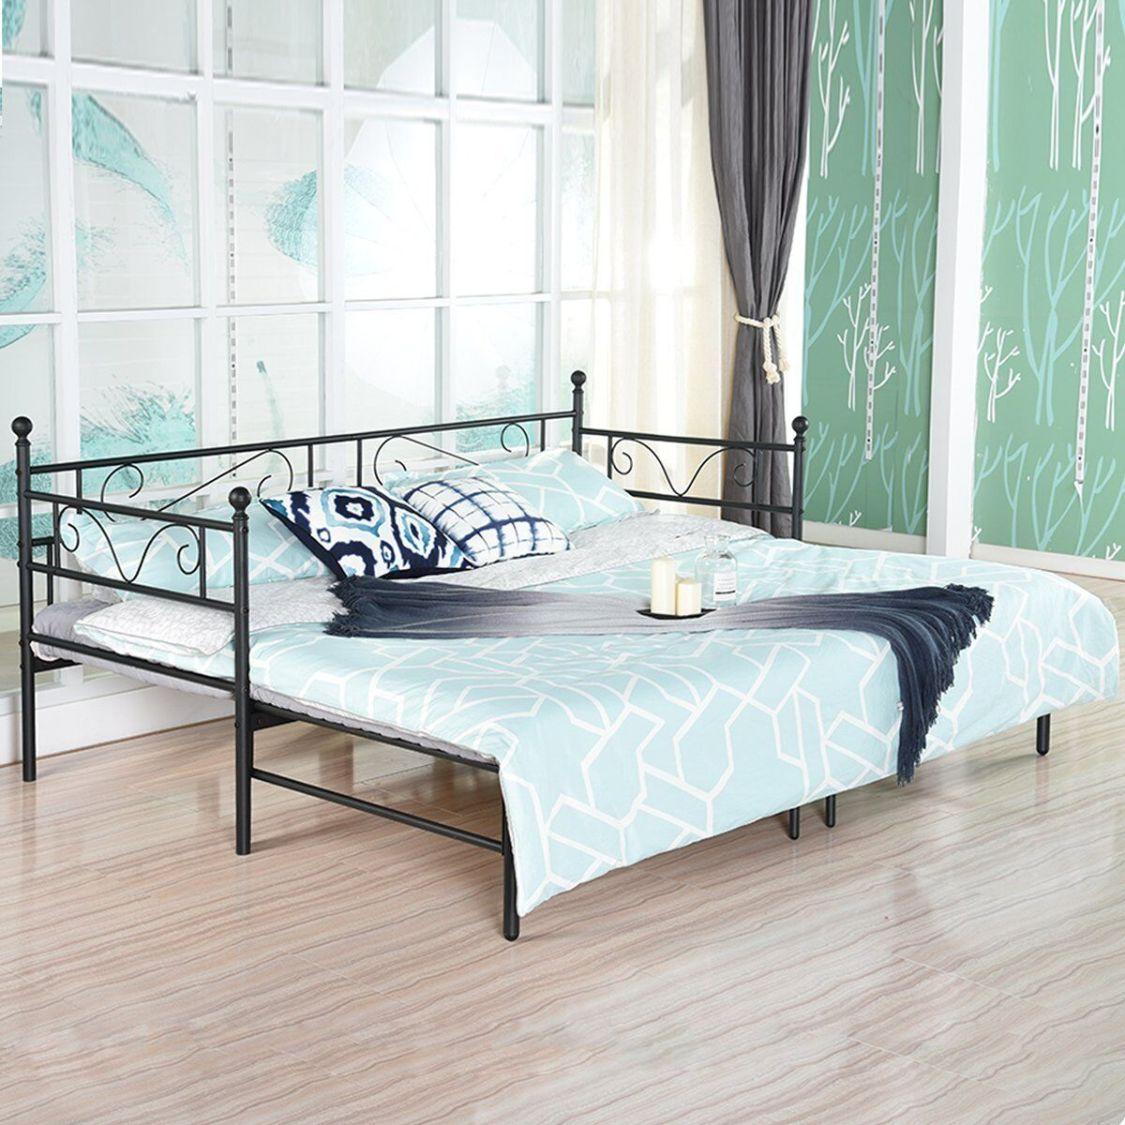 Tagesbett Ausziehbett Metall Single Sofa Optionen für Ausziehbett, Tagesbett mit